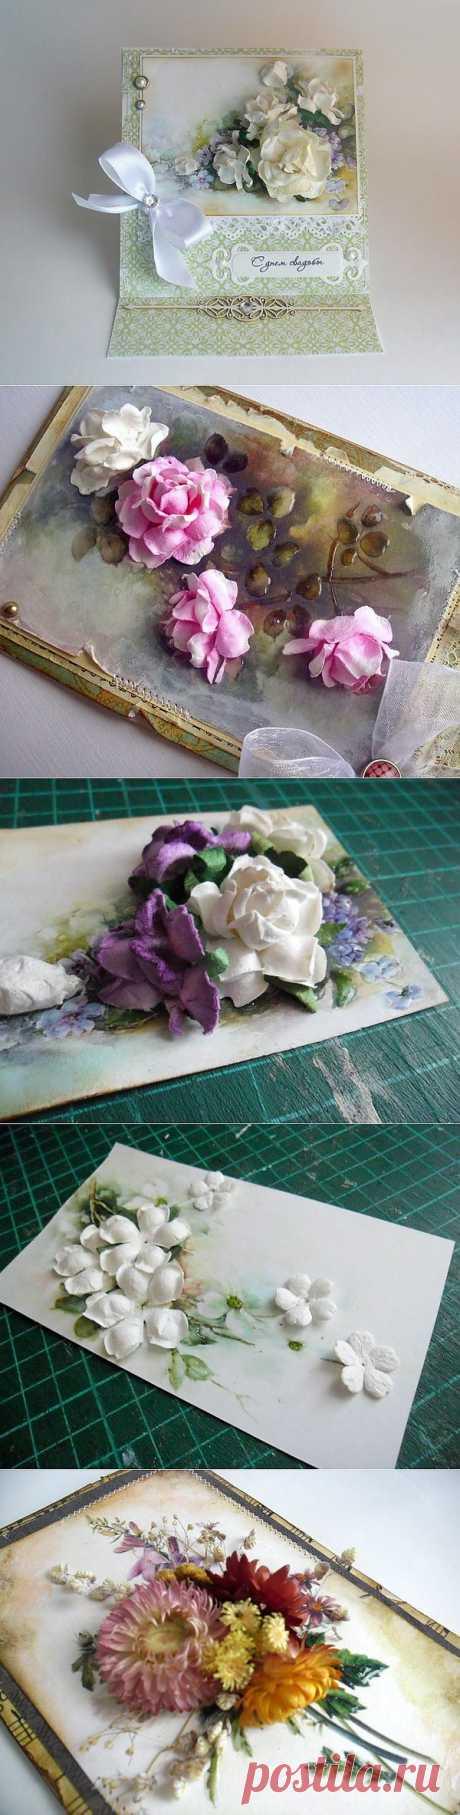 Открытка с объемными цветами